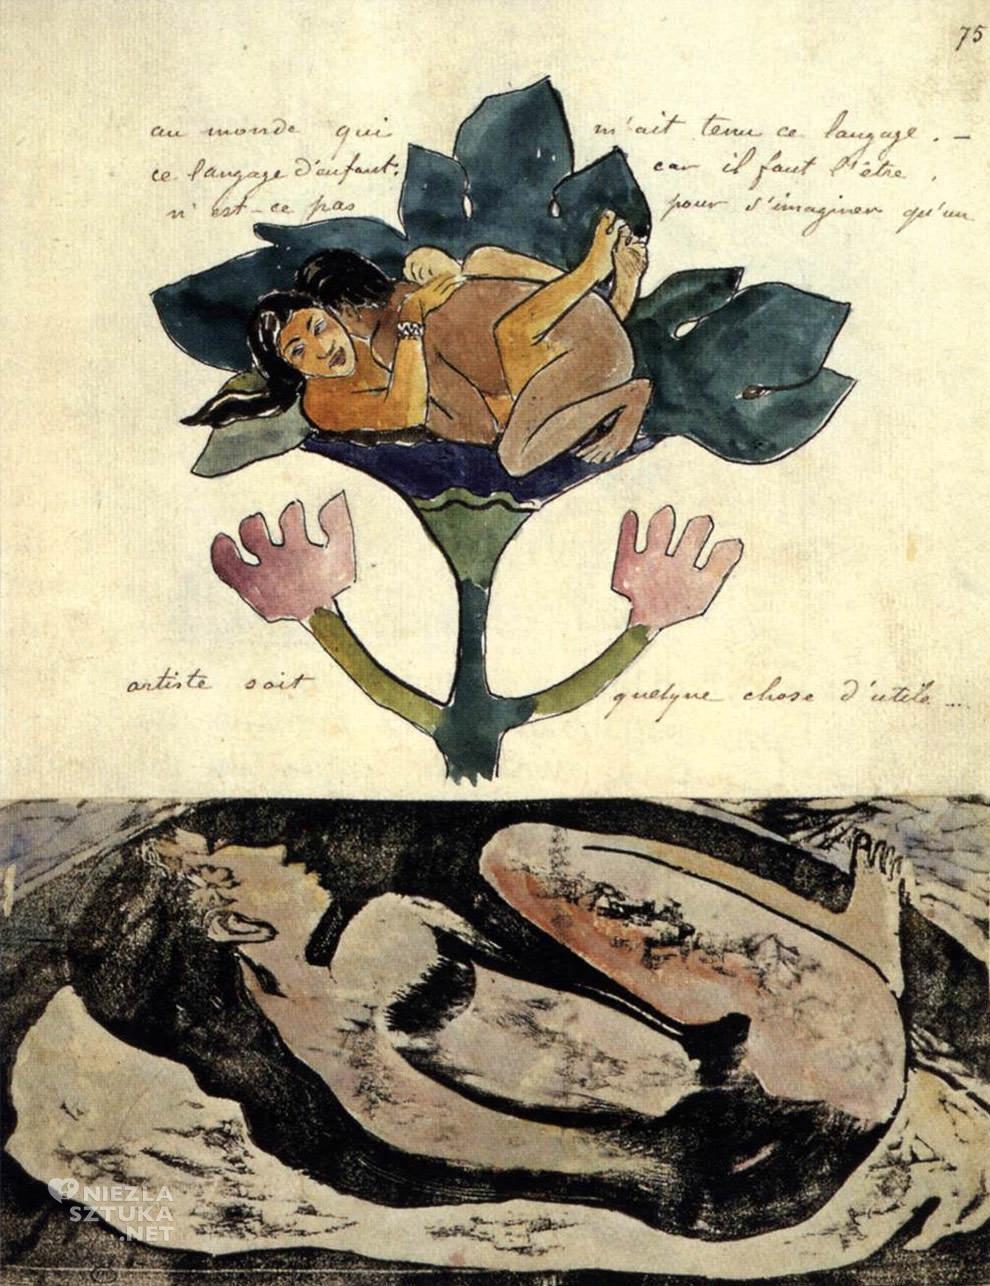 Paul Gauguin, Manao Tupapau, akwarele Gauguina, dziennik Noa Noa, postimpresjonizm, impresjonizm, postimpresjoniści, malarstwo Tahiti, malarstwo Polinezji, podróże Gauguina, duch, Tupapaus, Niezła Sztuka